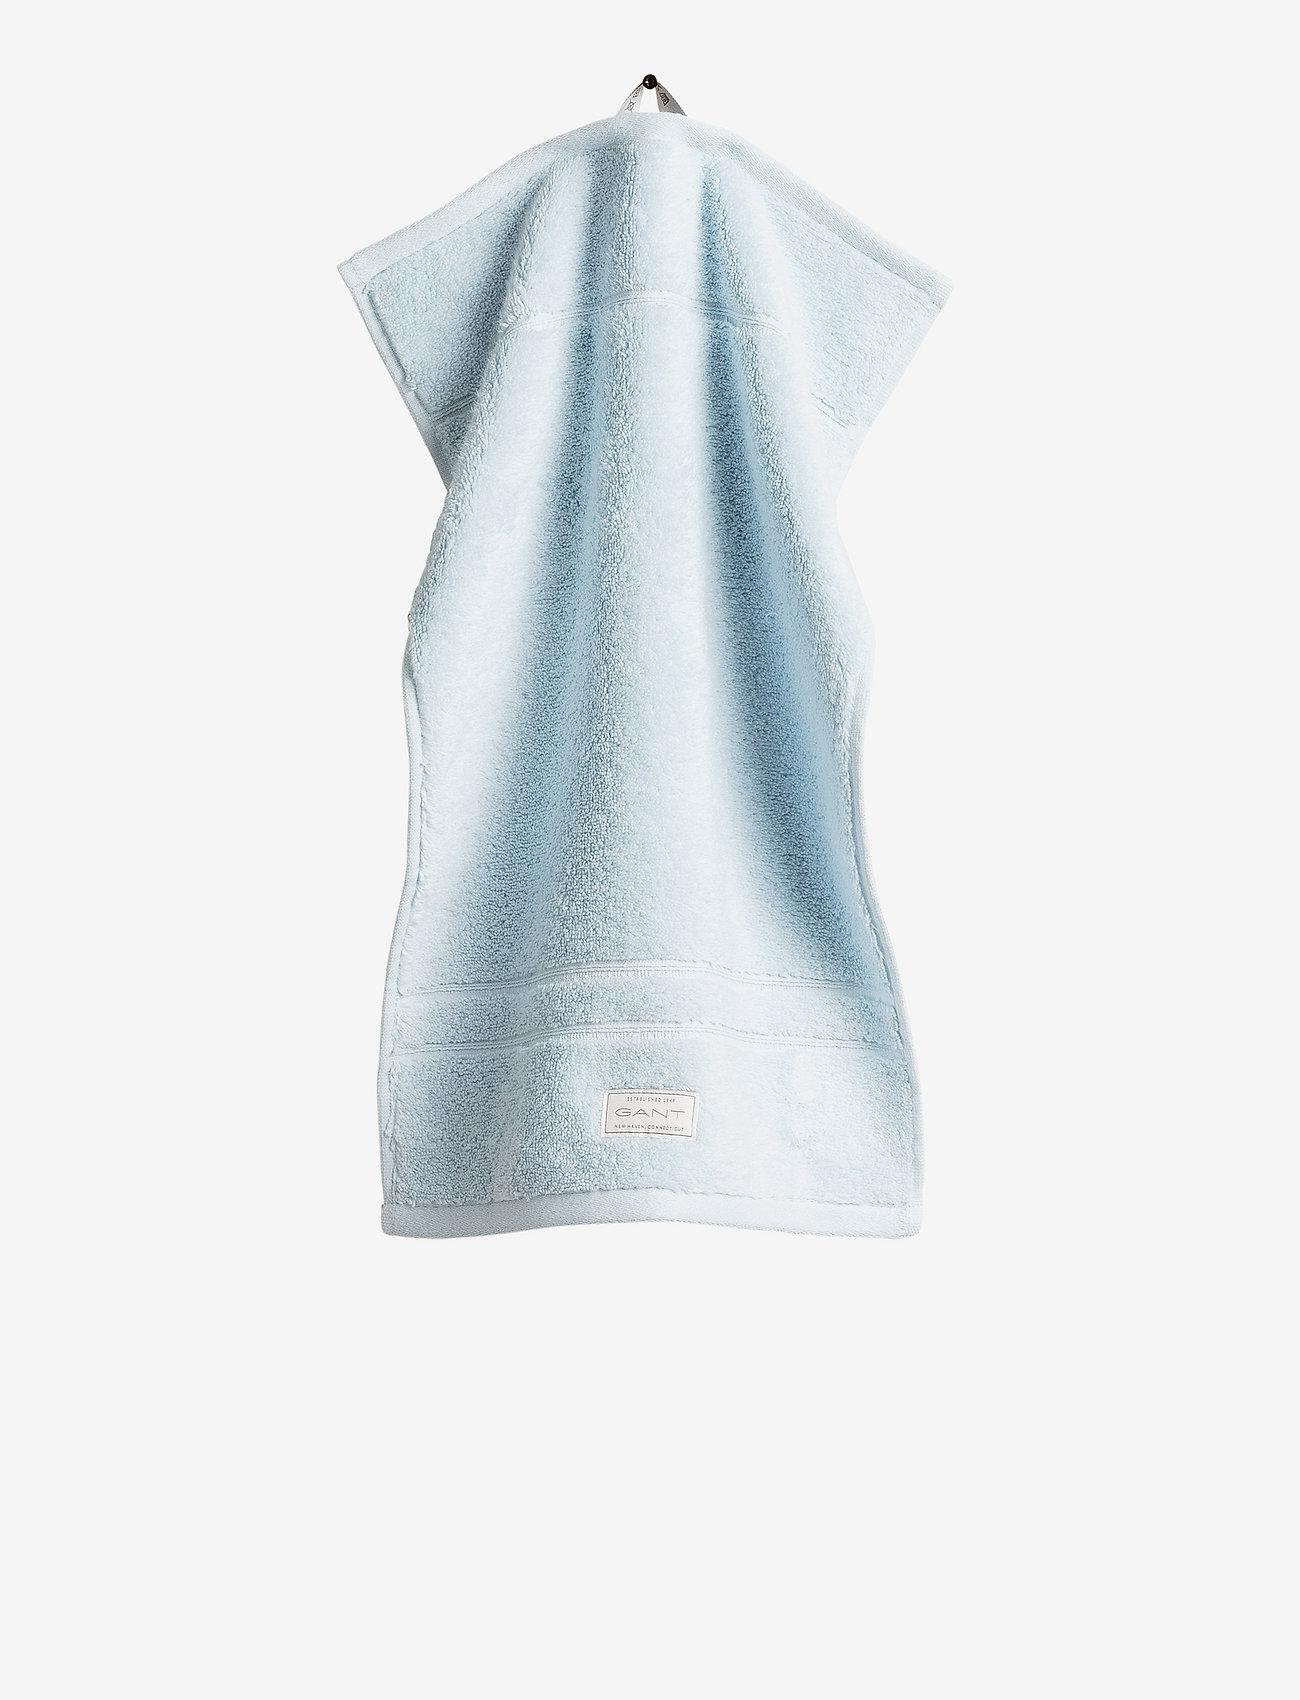 GANT - PREMIUM TOWEL 30X50 - pyyhkeet & kylpypyyhkeet - pacific blue - 0